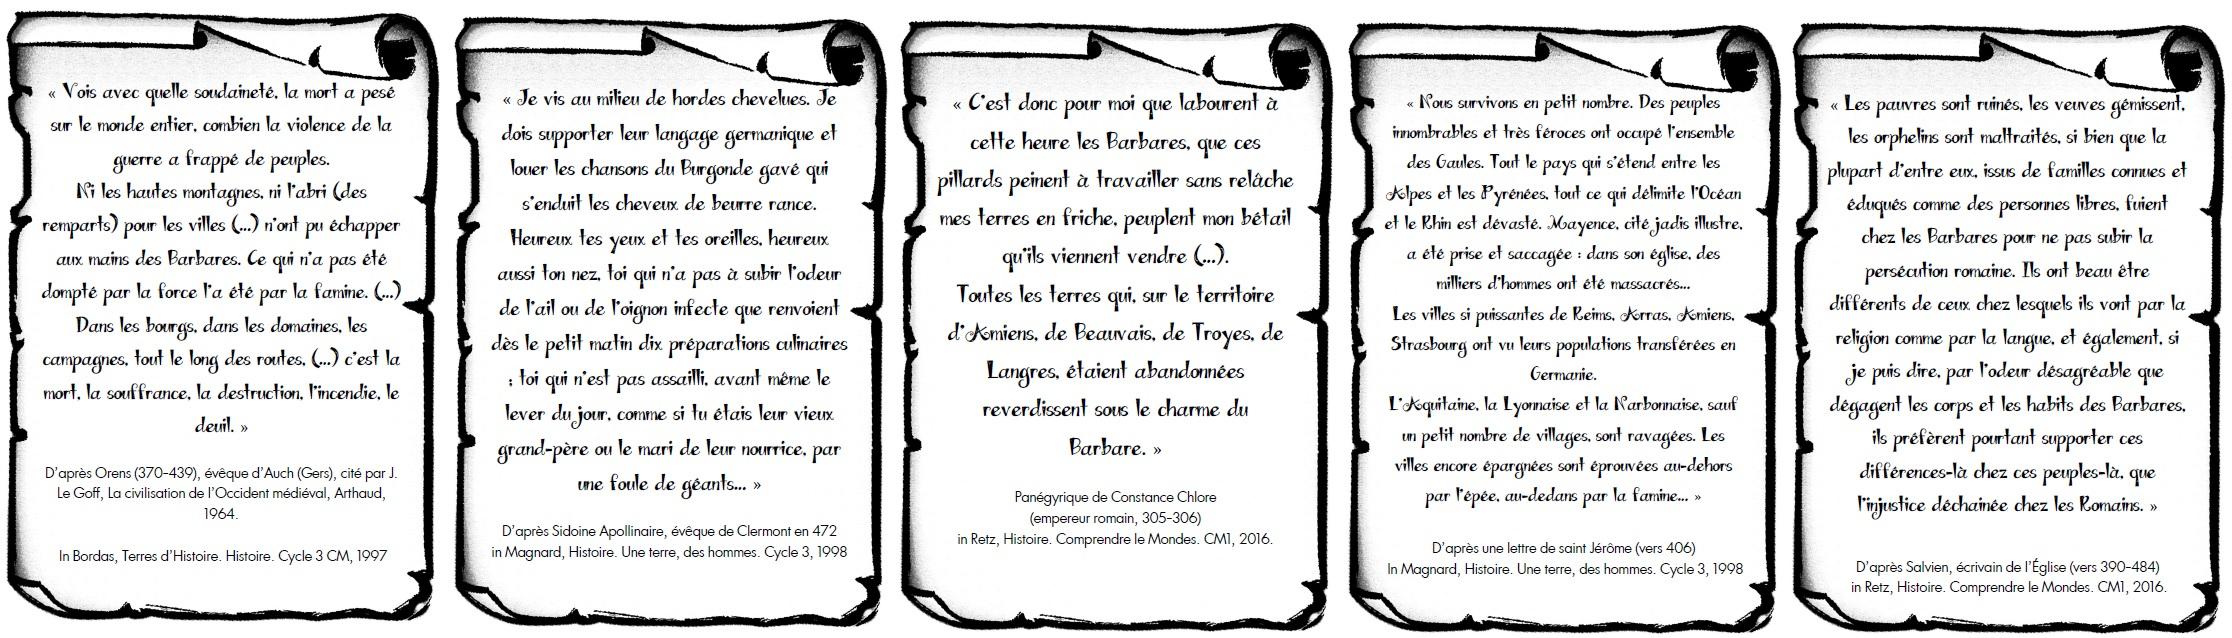 Antiquité | Ma Maitresse De Cm1-Cm2 pour Lutin Bazar Poésie